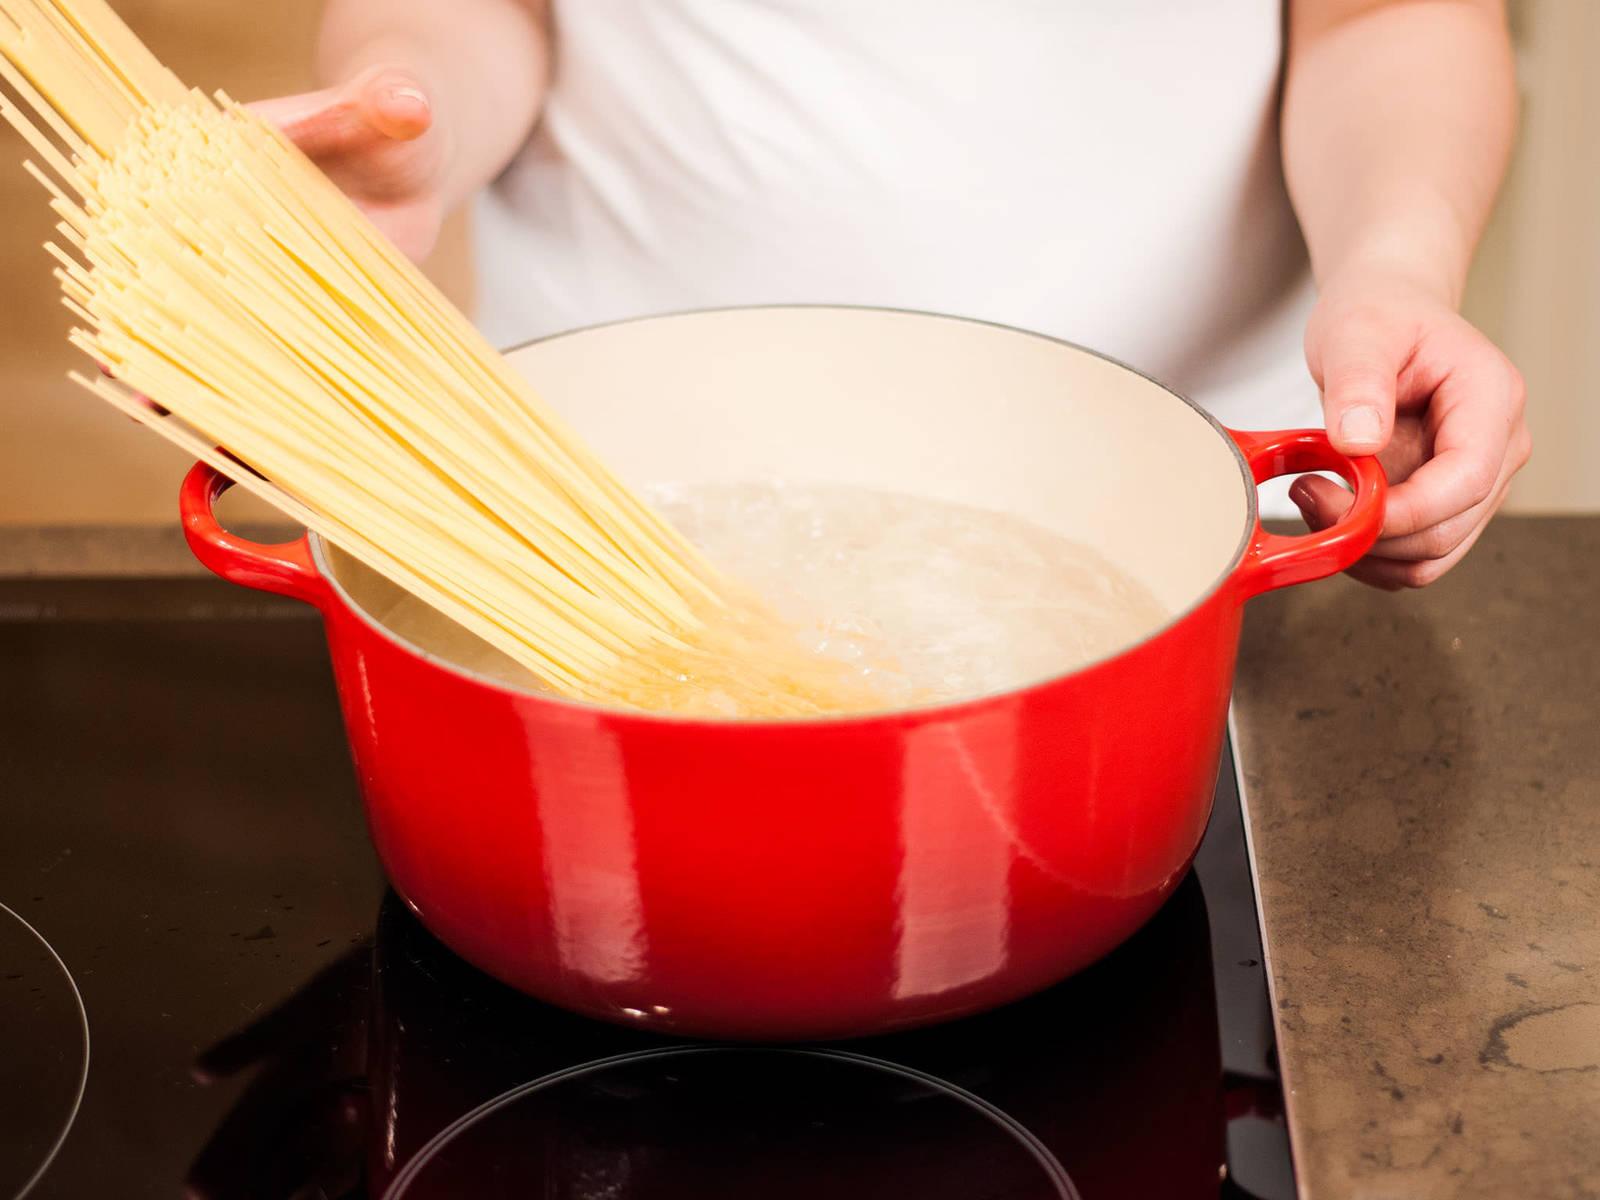 In der Zwischenzeit Spaghetti in reichlich siedendem Salzwasser nach Packungsanweisung ca. 10 – 12 Min. al dente kochen. Anschließend abgießen, mit Soße anrichten und mit geriebenem Parmesan servieren.